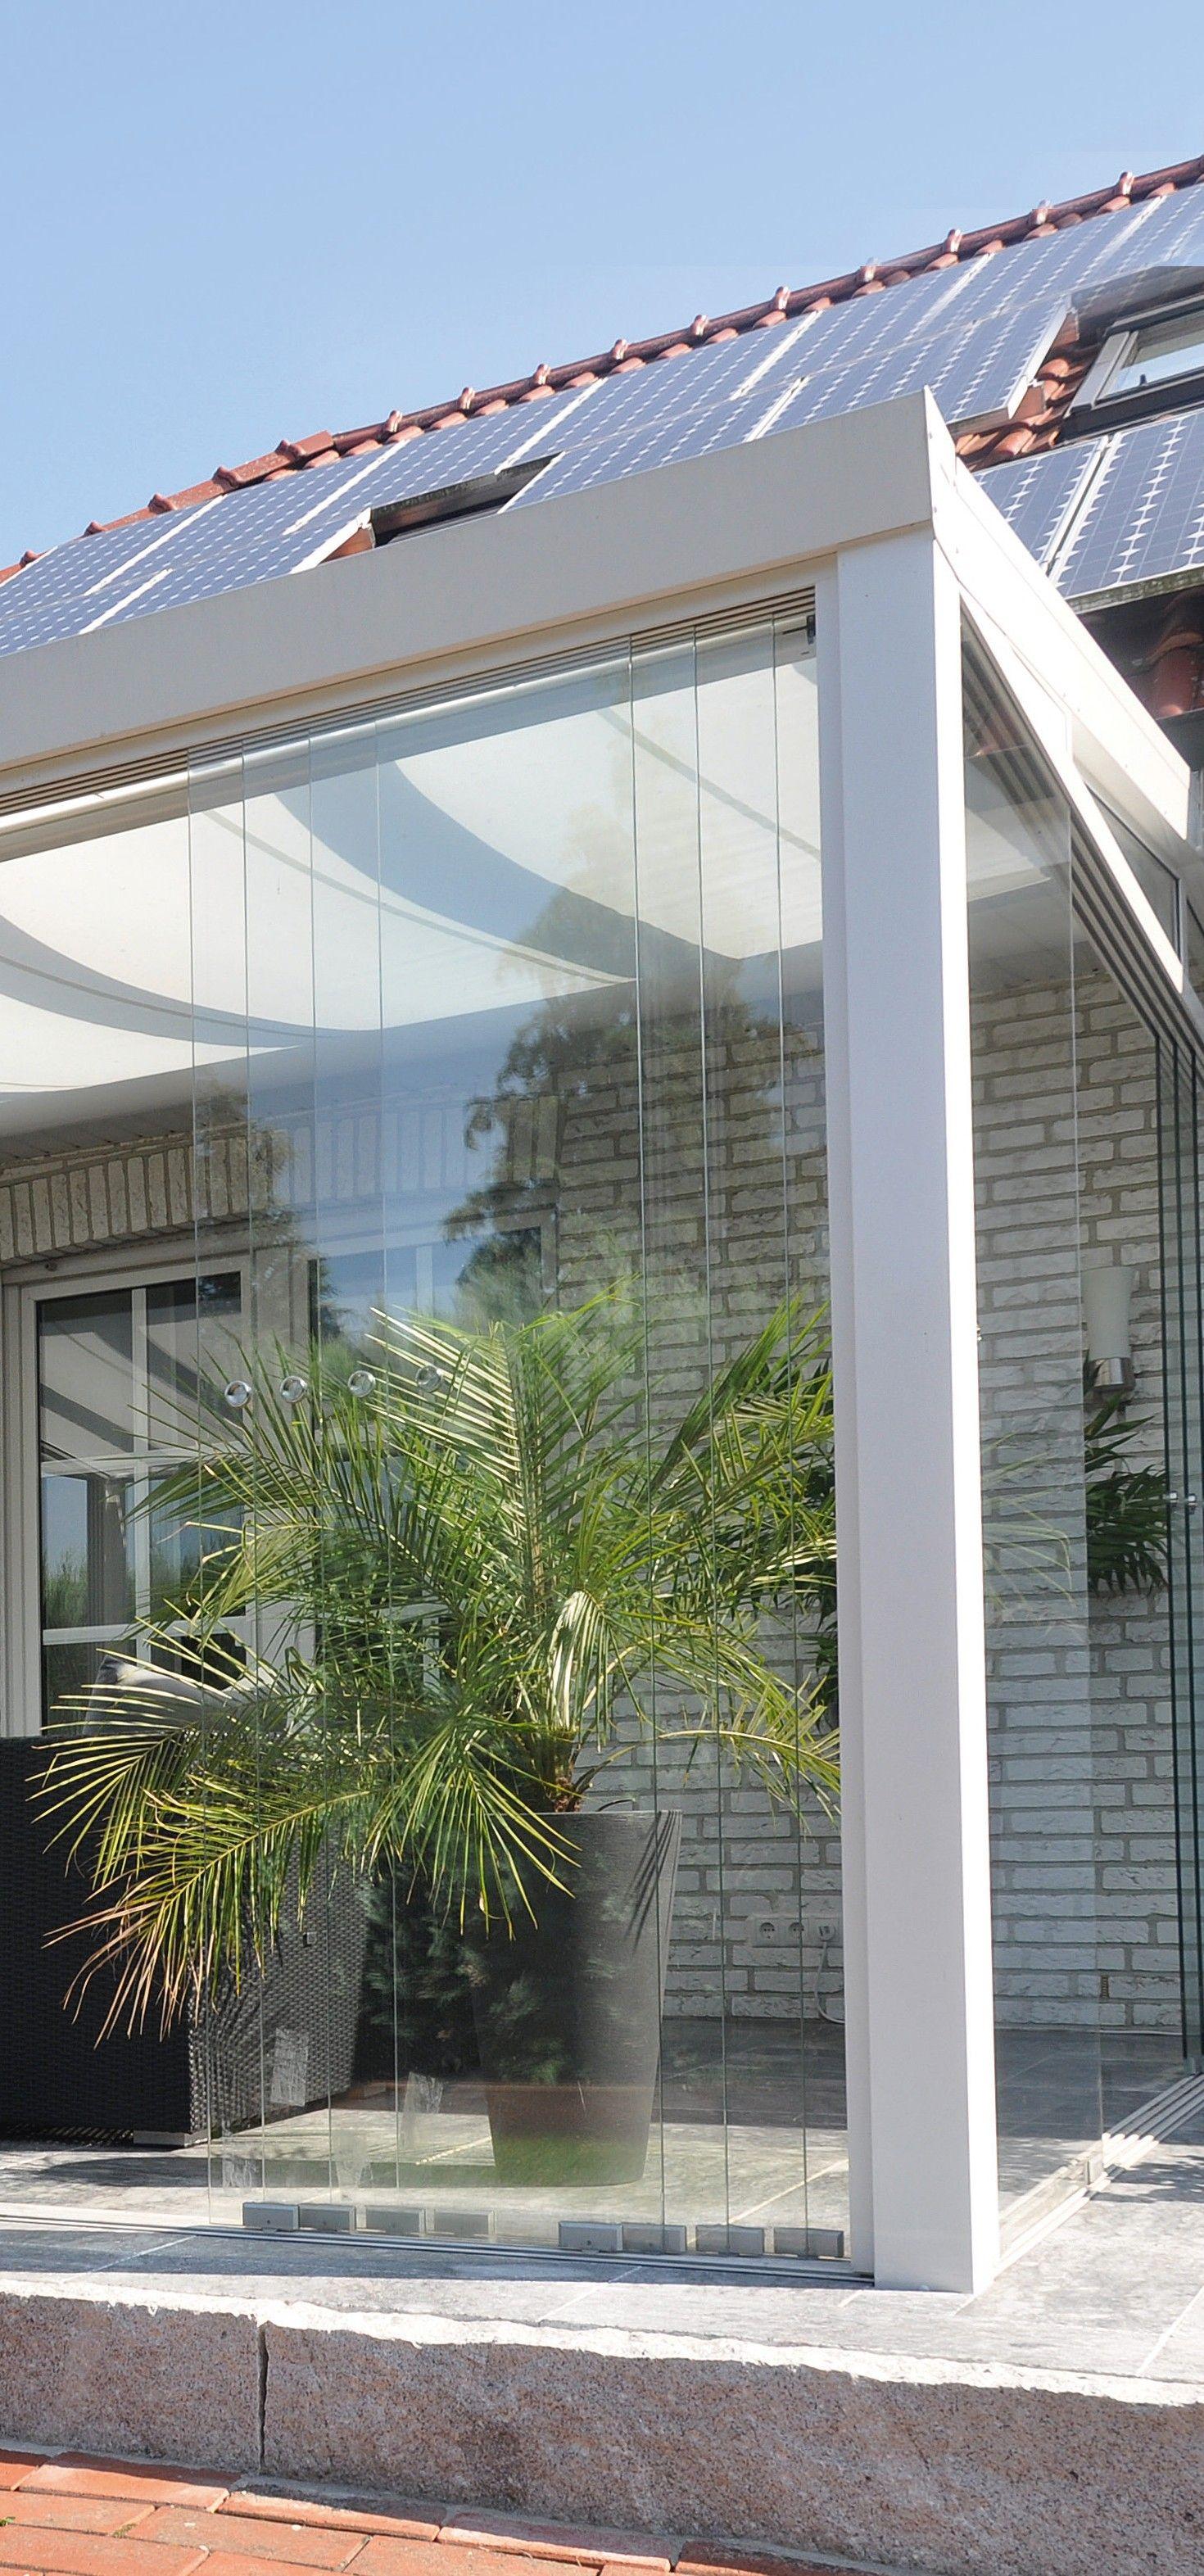 Dettaglio vetrate scorrevoli su veranda completa | Arredamento ...